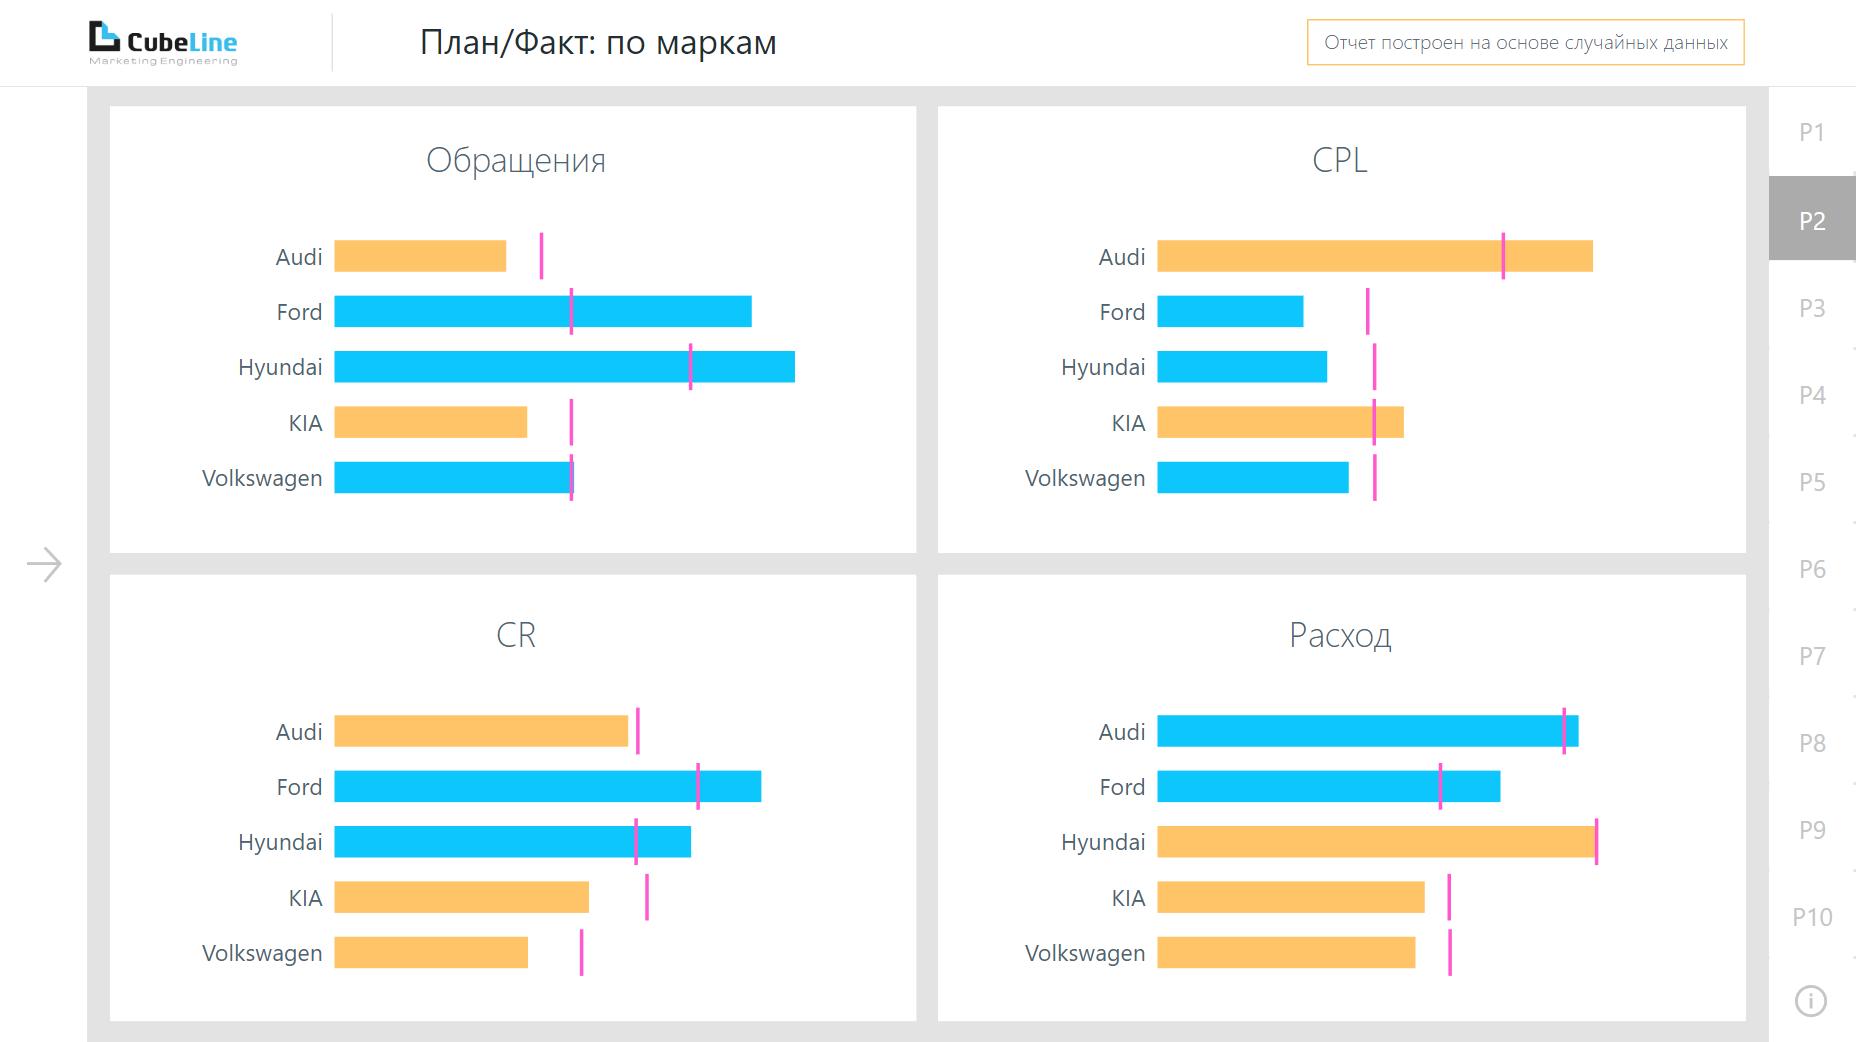 План/факт по маркам, отчет для автодилеров в Power BI